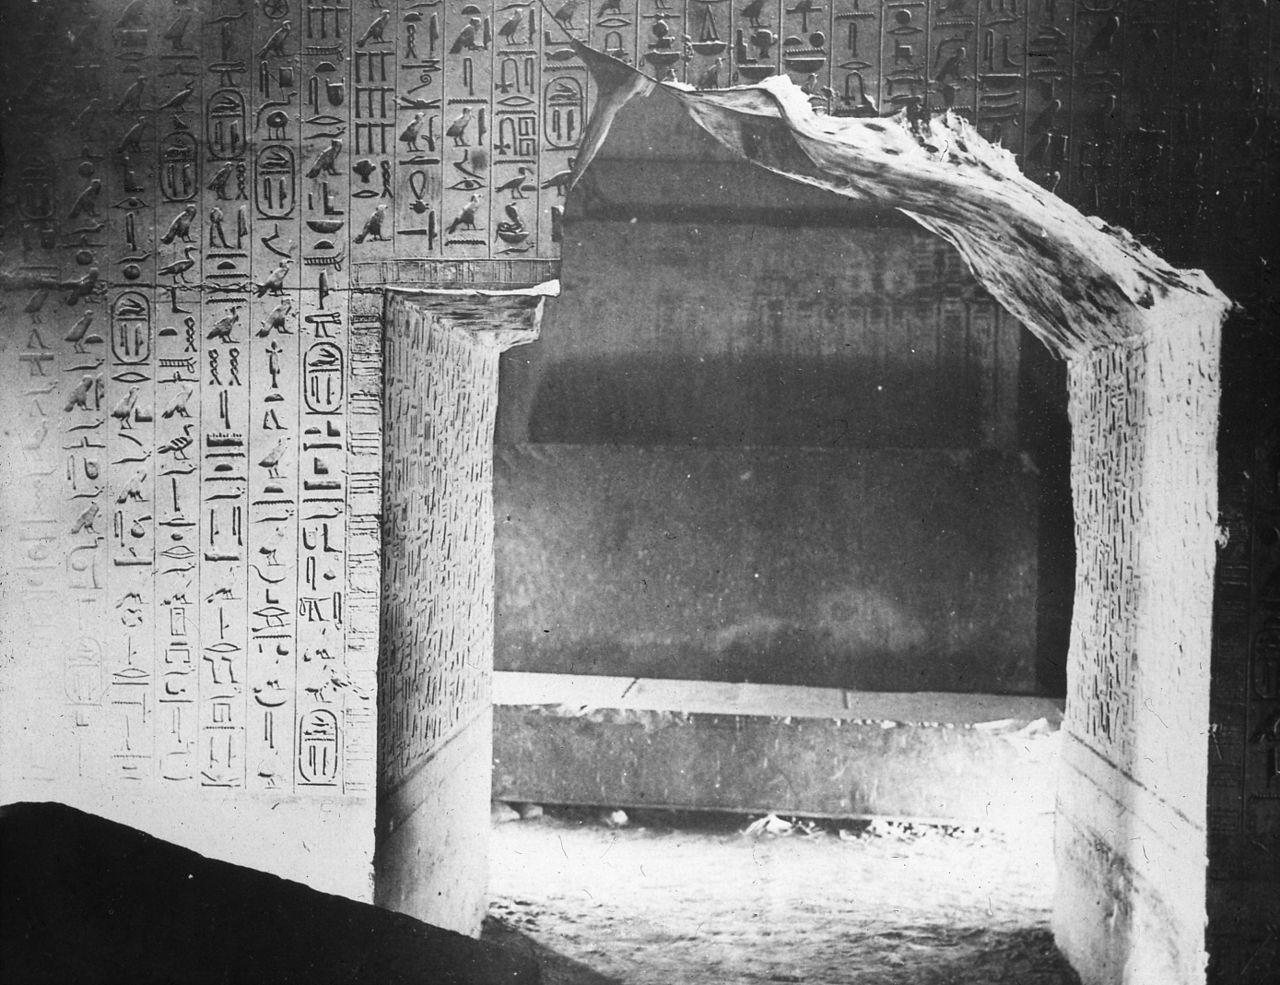 pyramid-texts